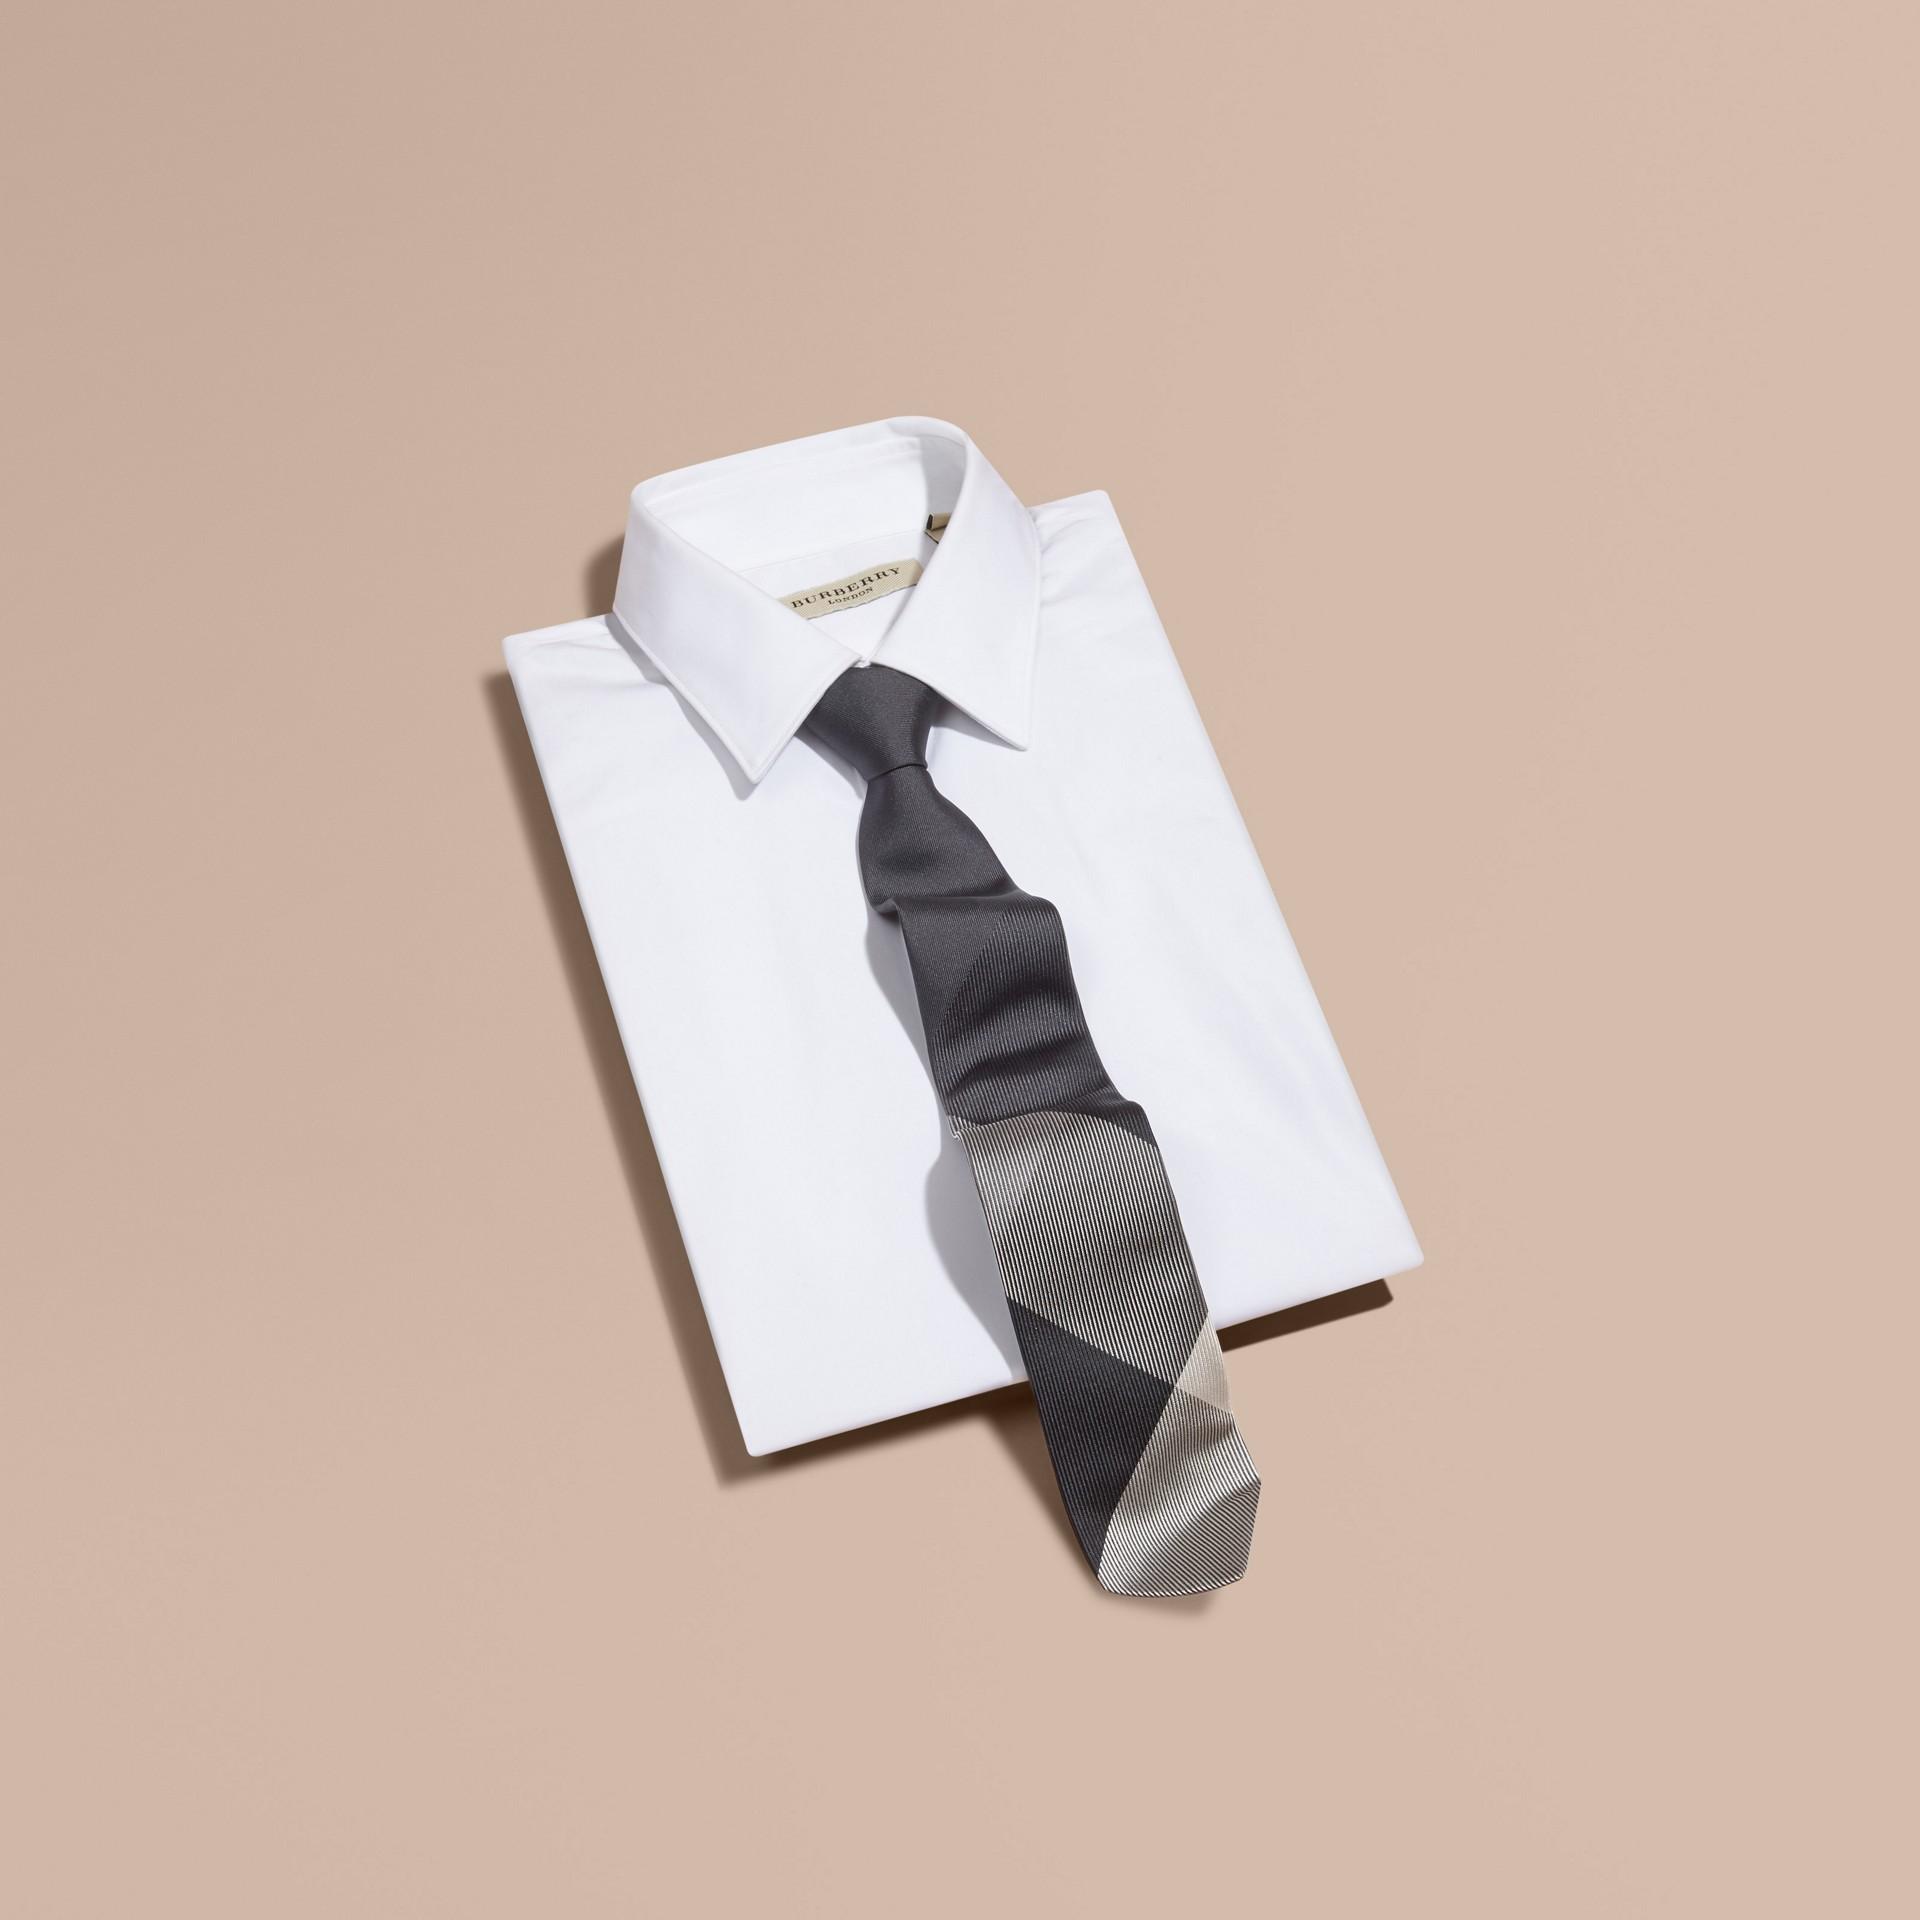 Grigio medio Cravatta dal taglio moderno in seta jacquard con motivo check Grigio Medio - immagine della galleria 3